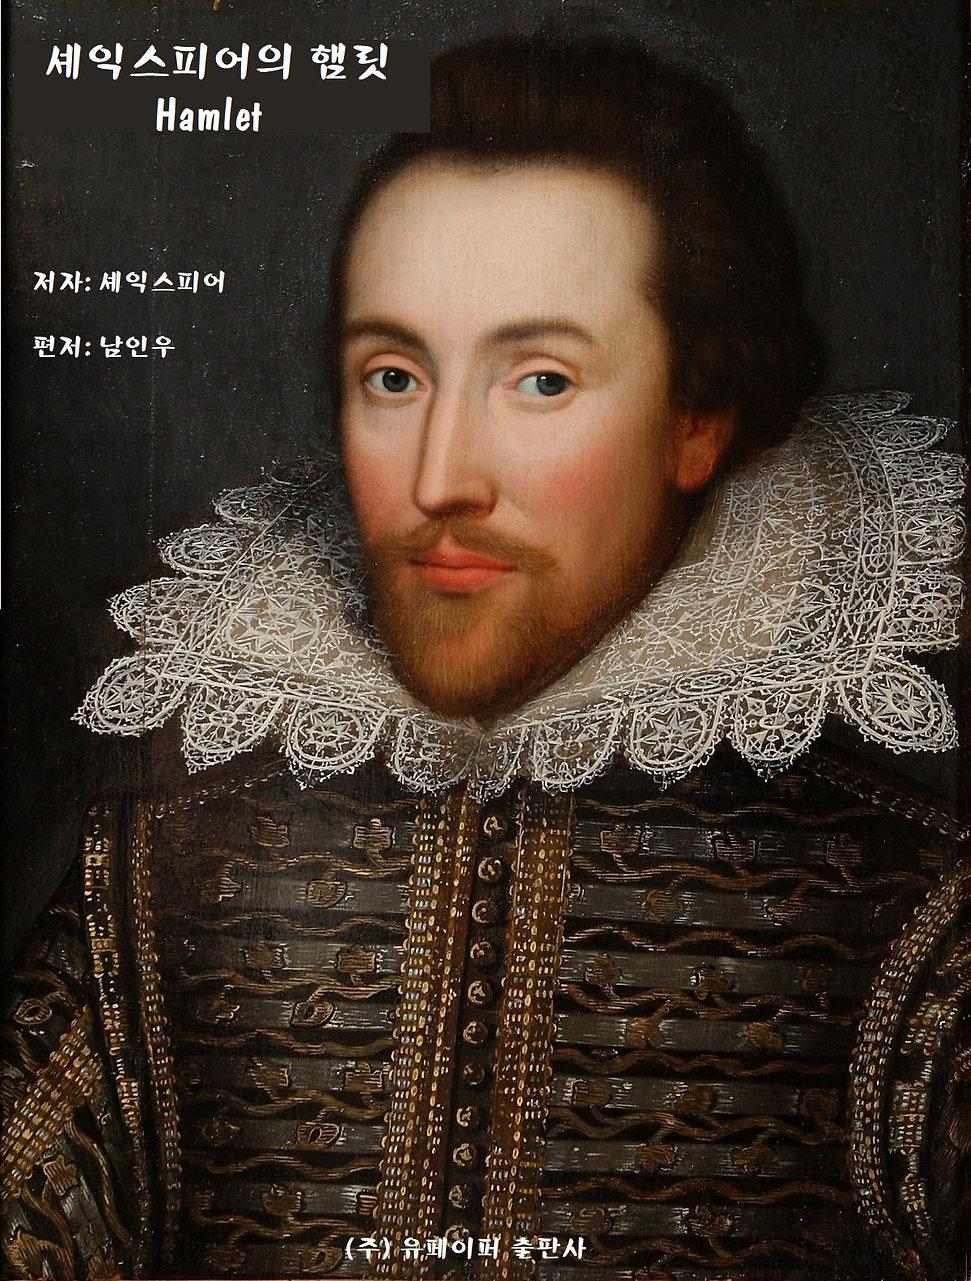 셰익스피어의 햄릿. Hamlet.jpg